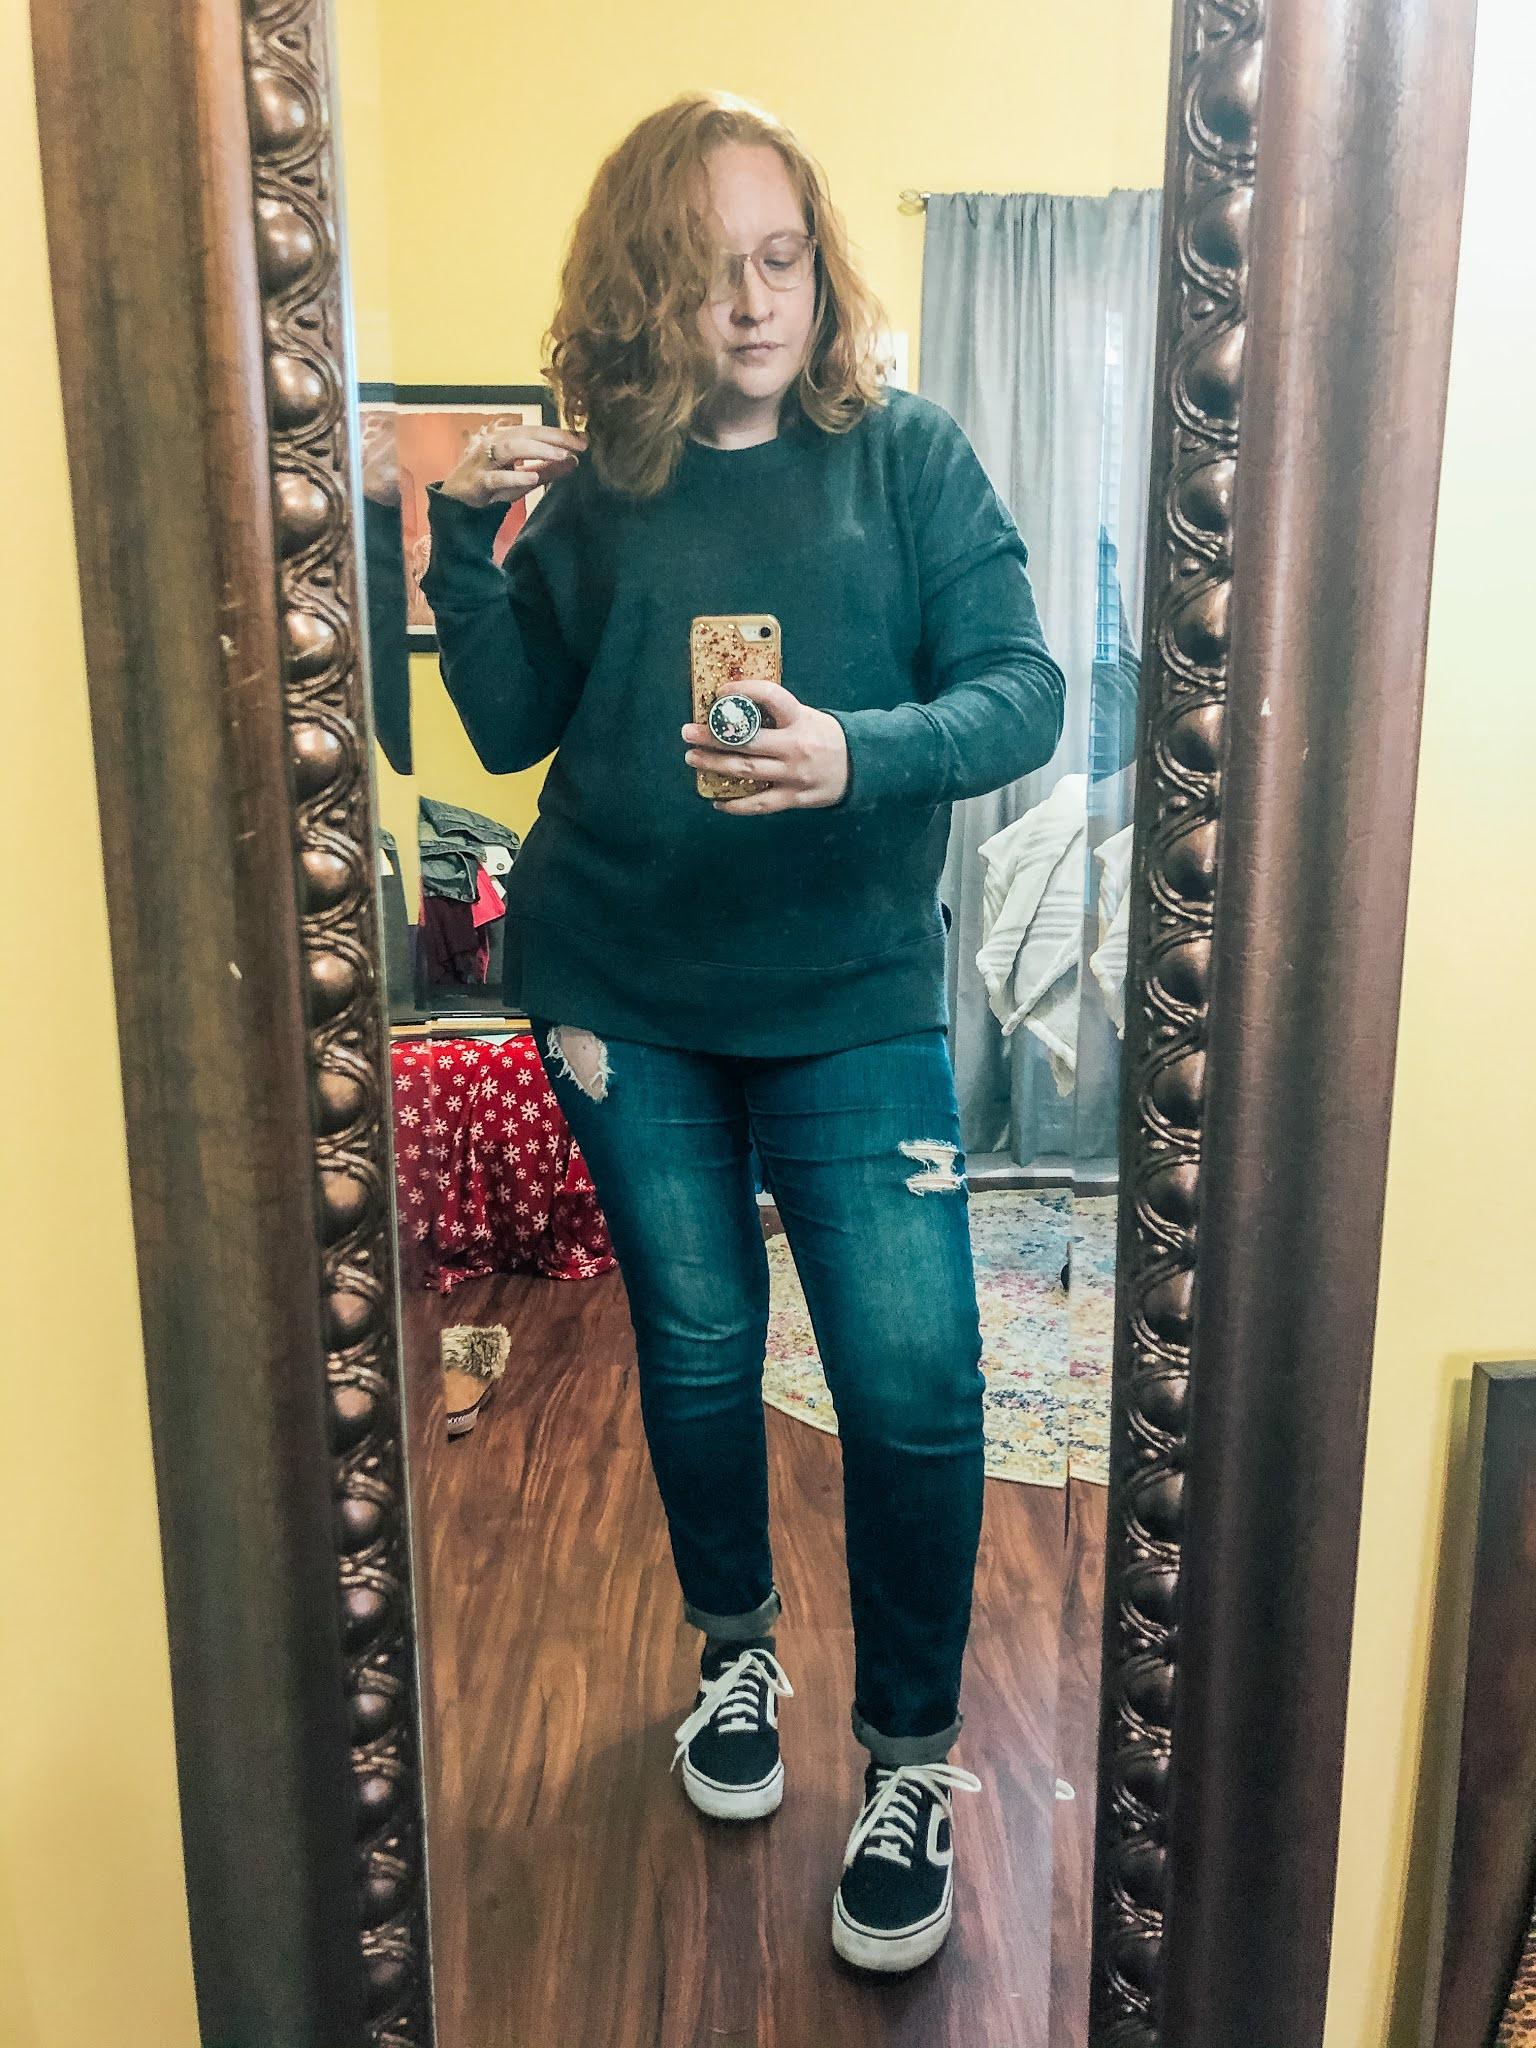 gray-sweatshirt-distressed-jeans-sneakers